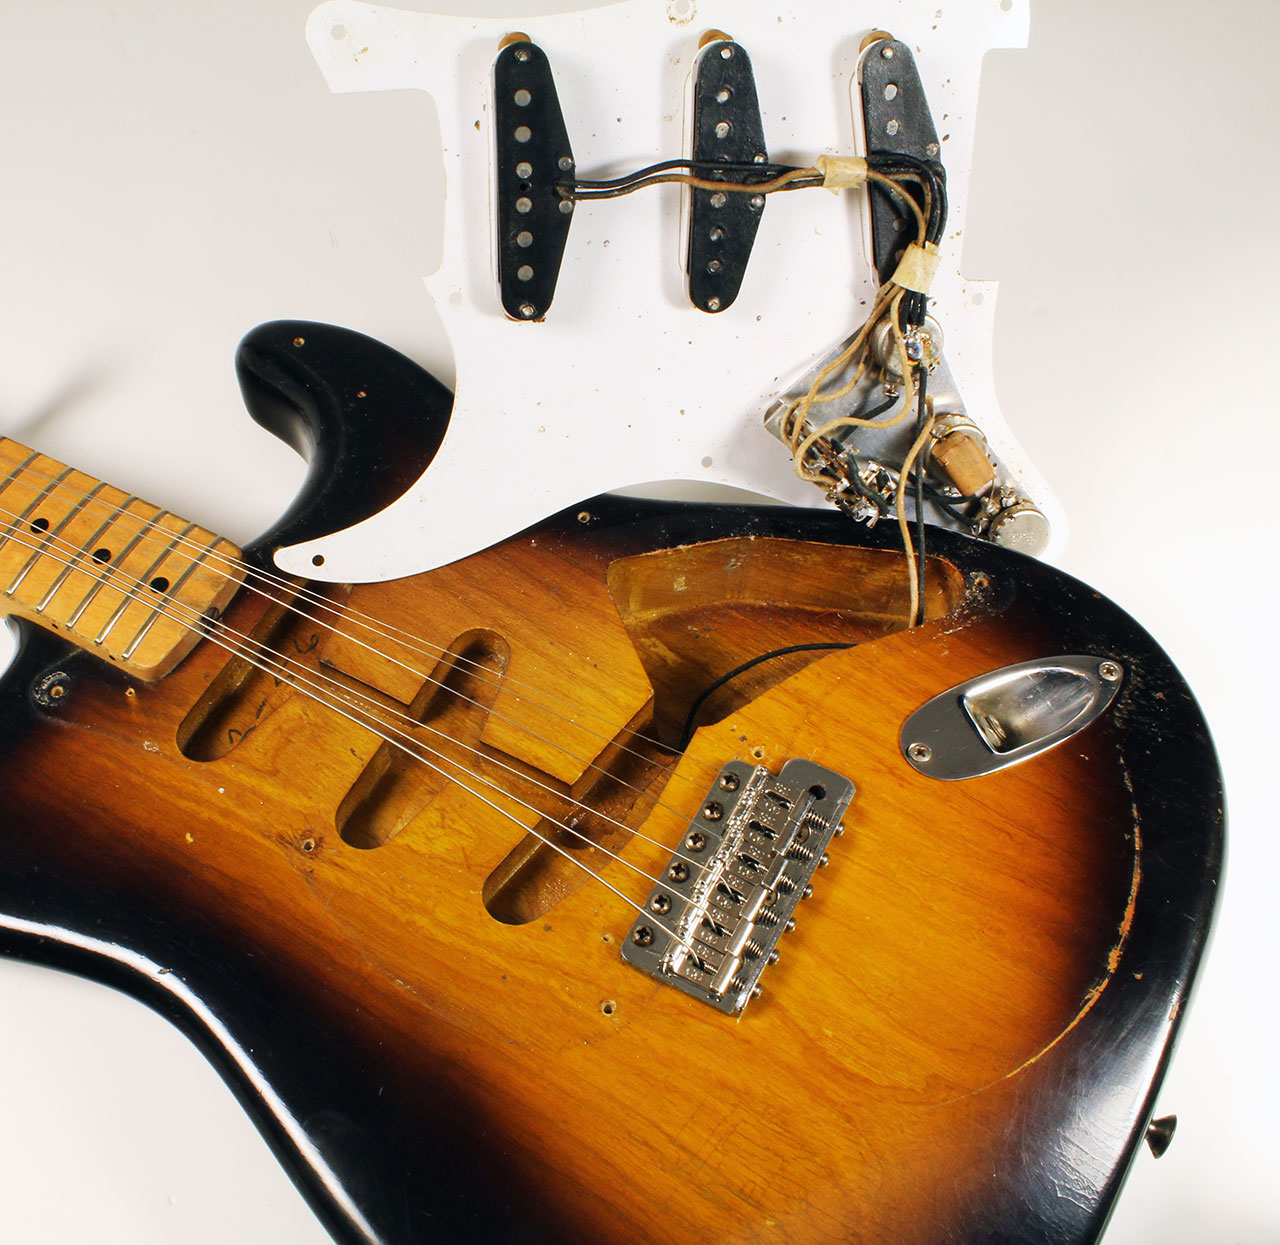 Fender_strat_1956_cons_pickguard_off_1